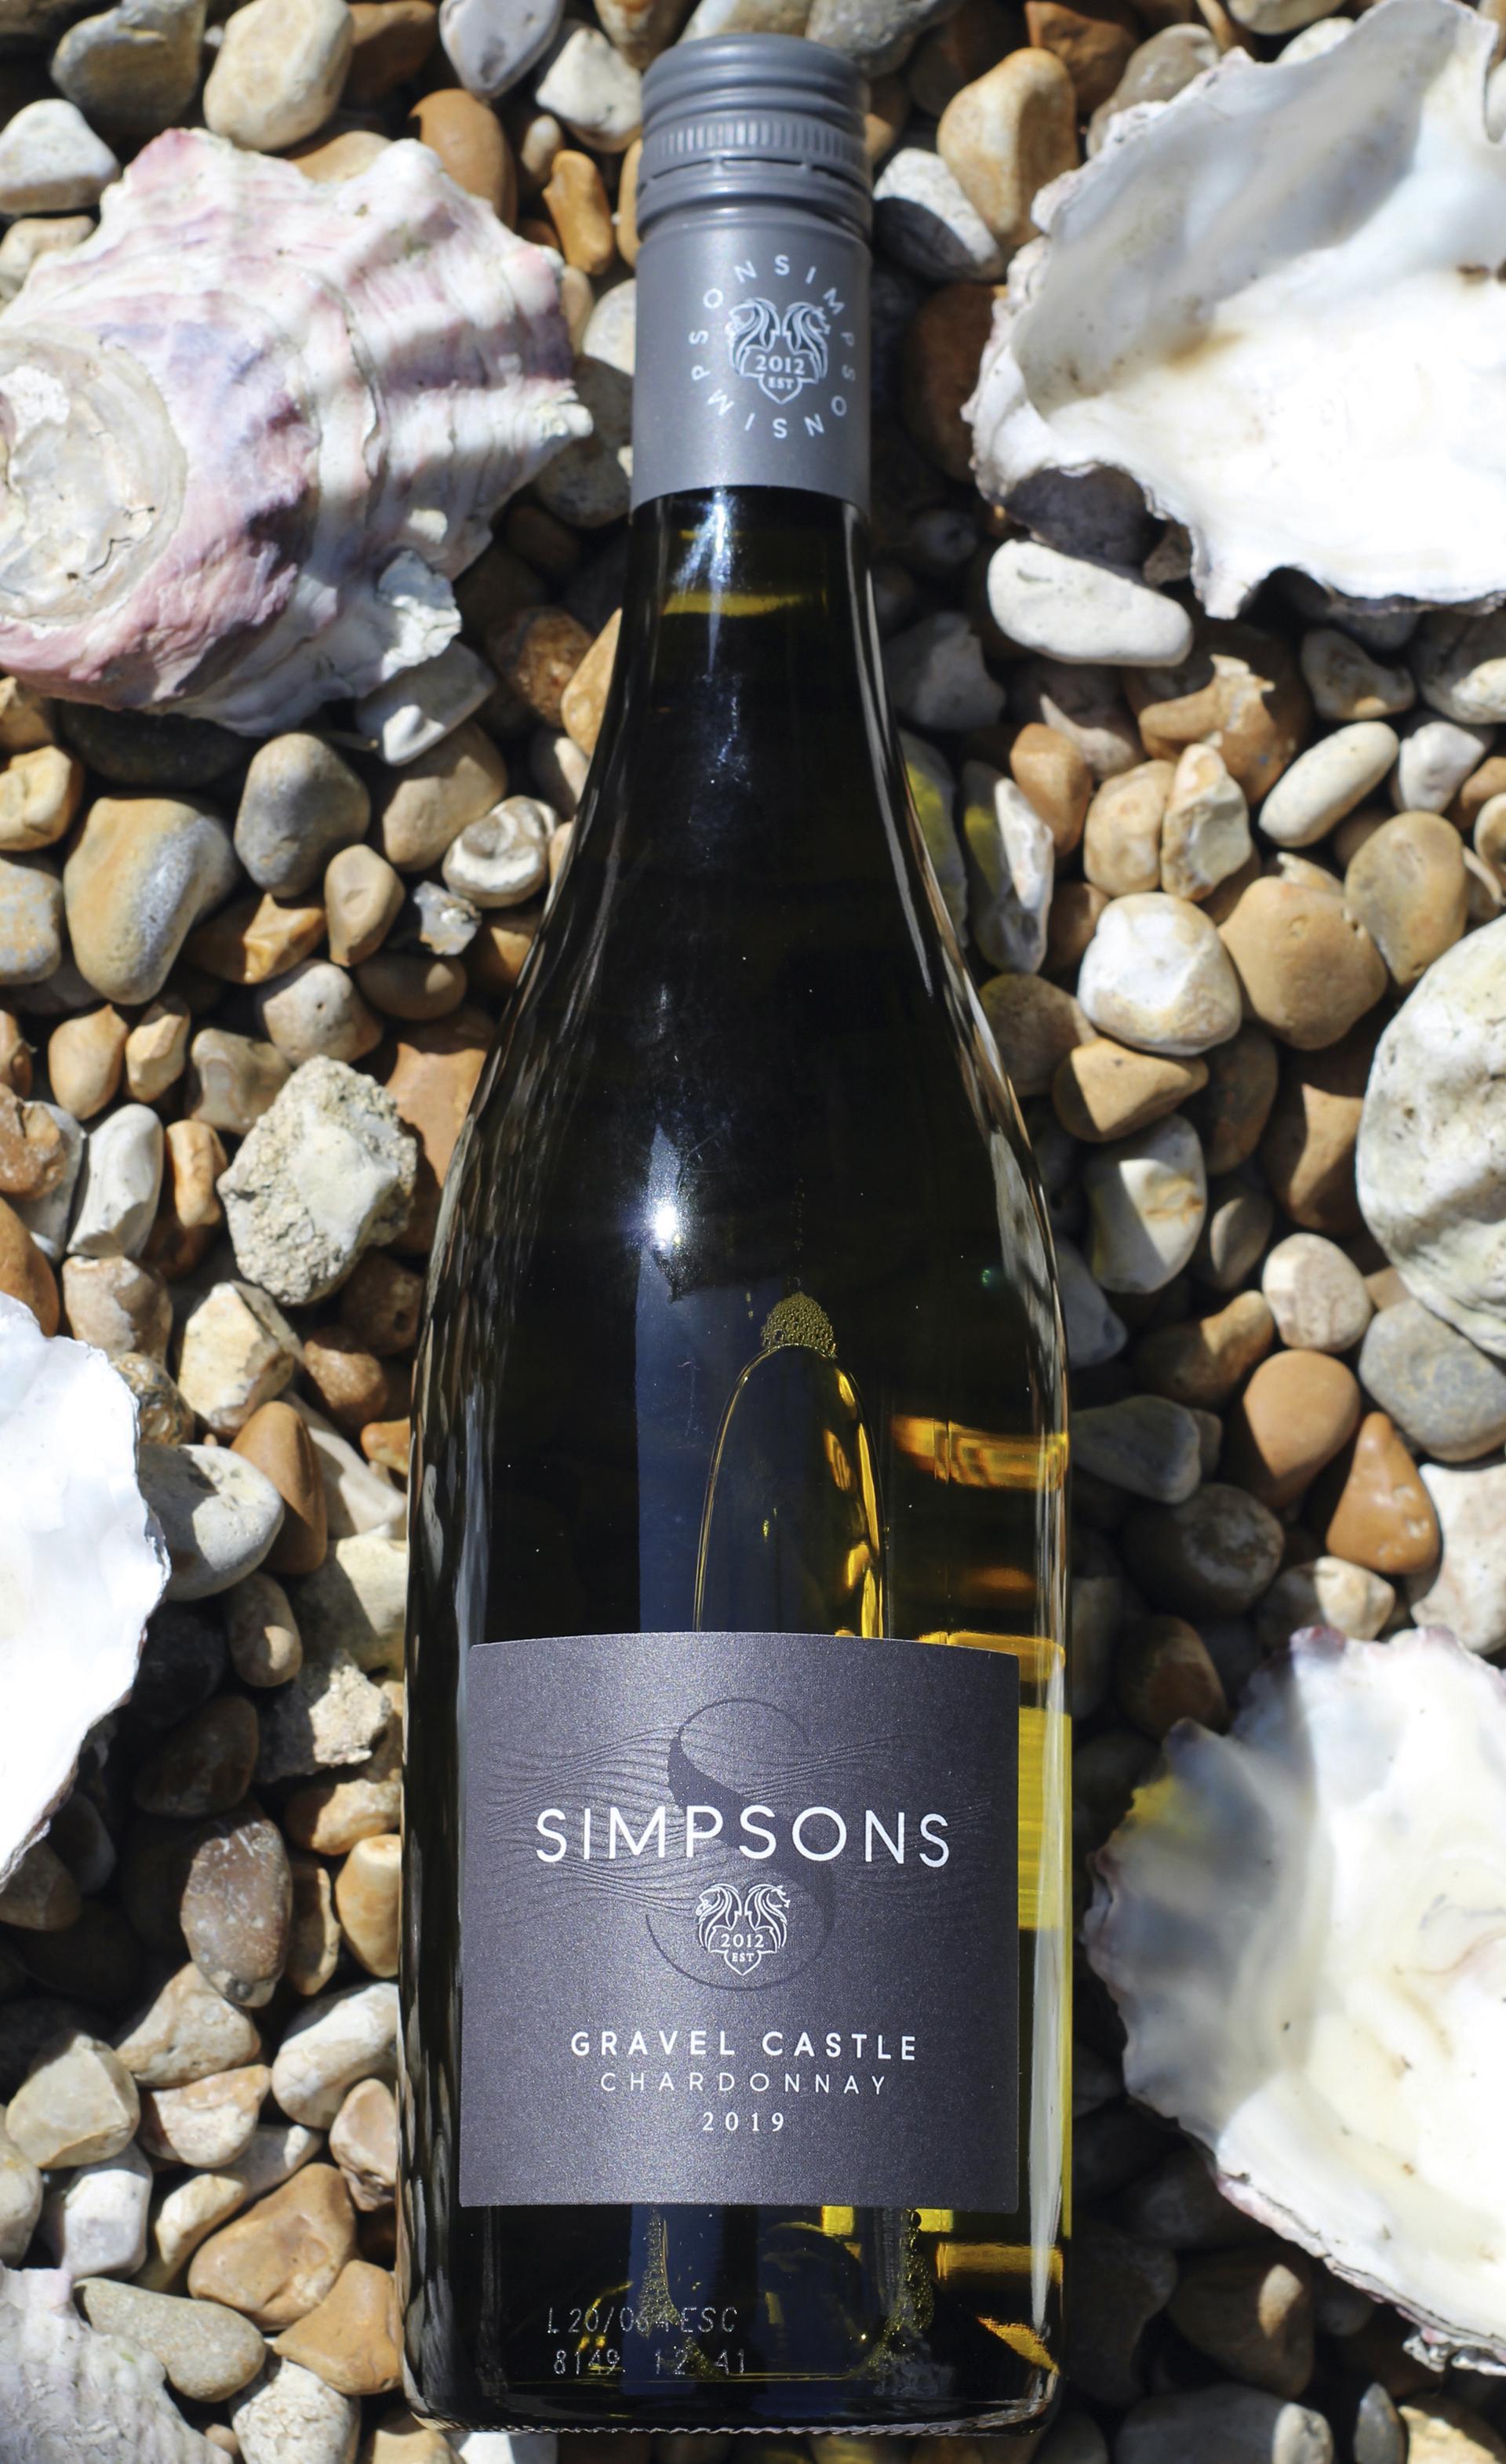 Simpsons wine